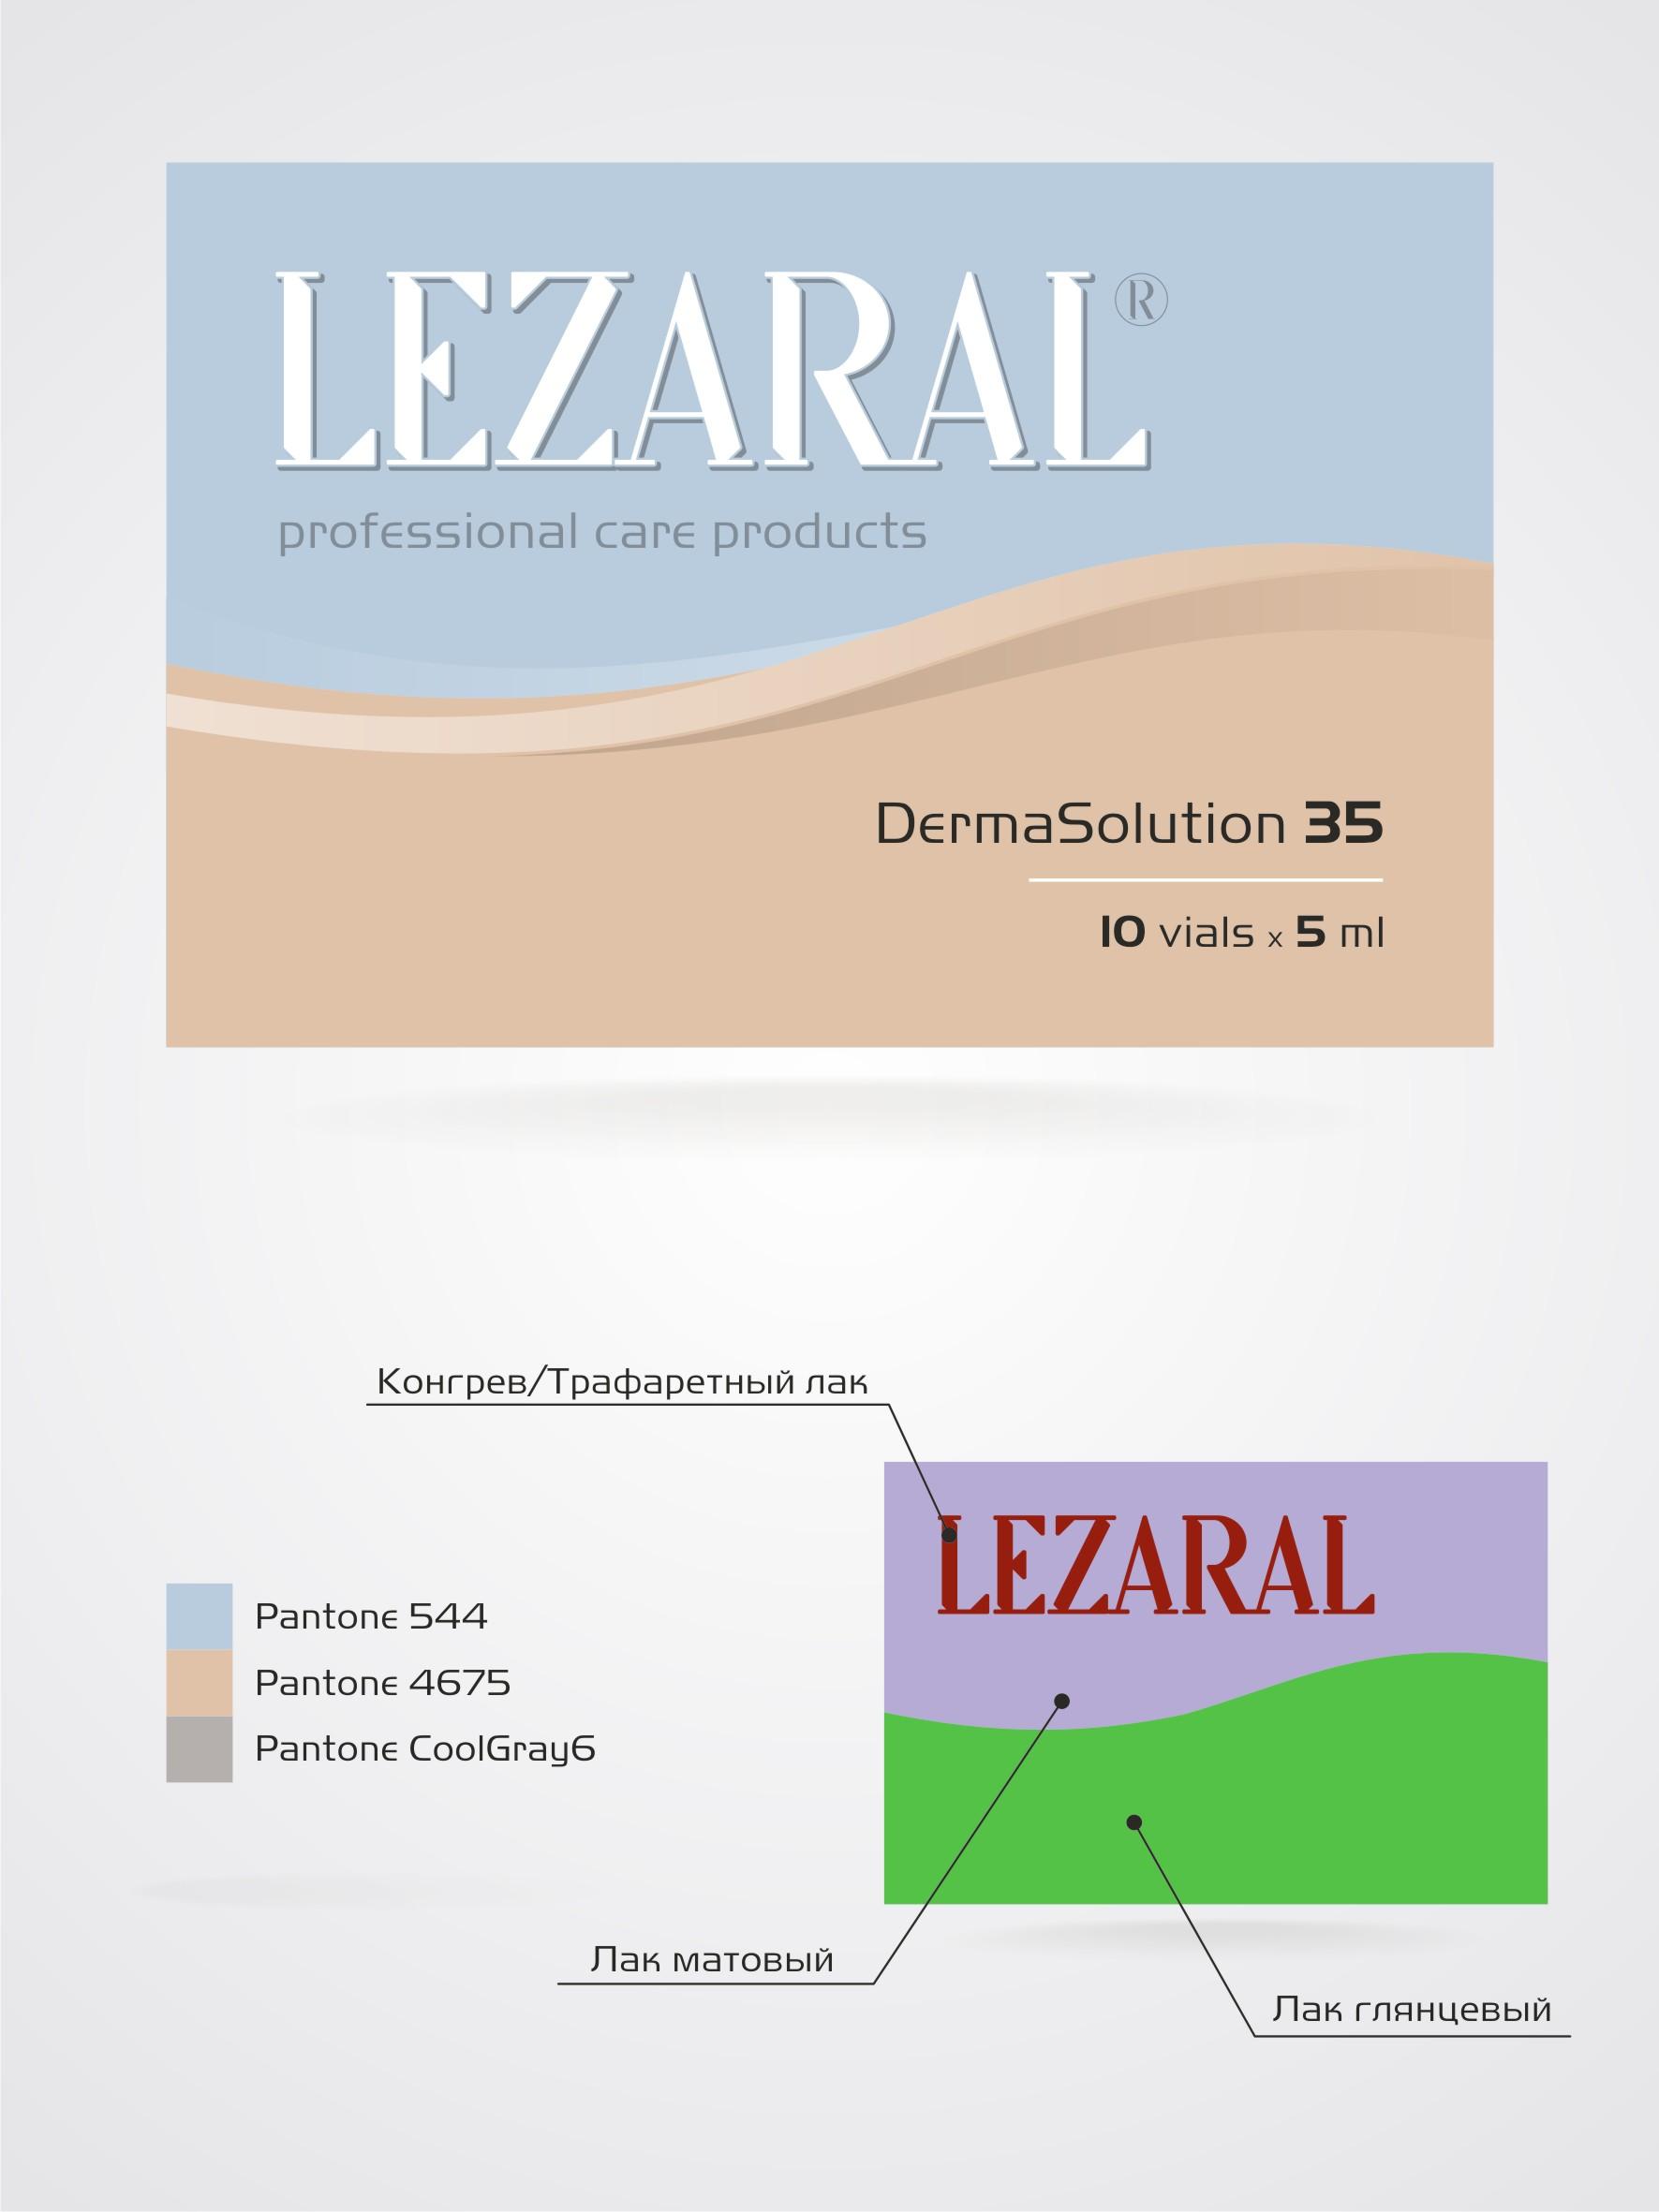 Создание названия бренда и дизайна упаковки фото f_86458ff6d29e558f.jpg